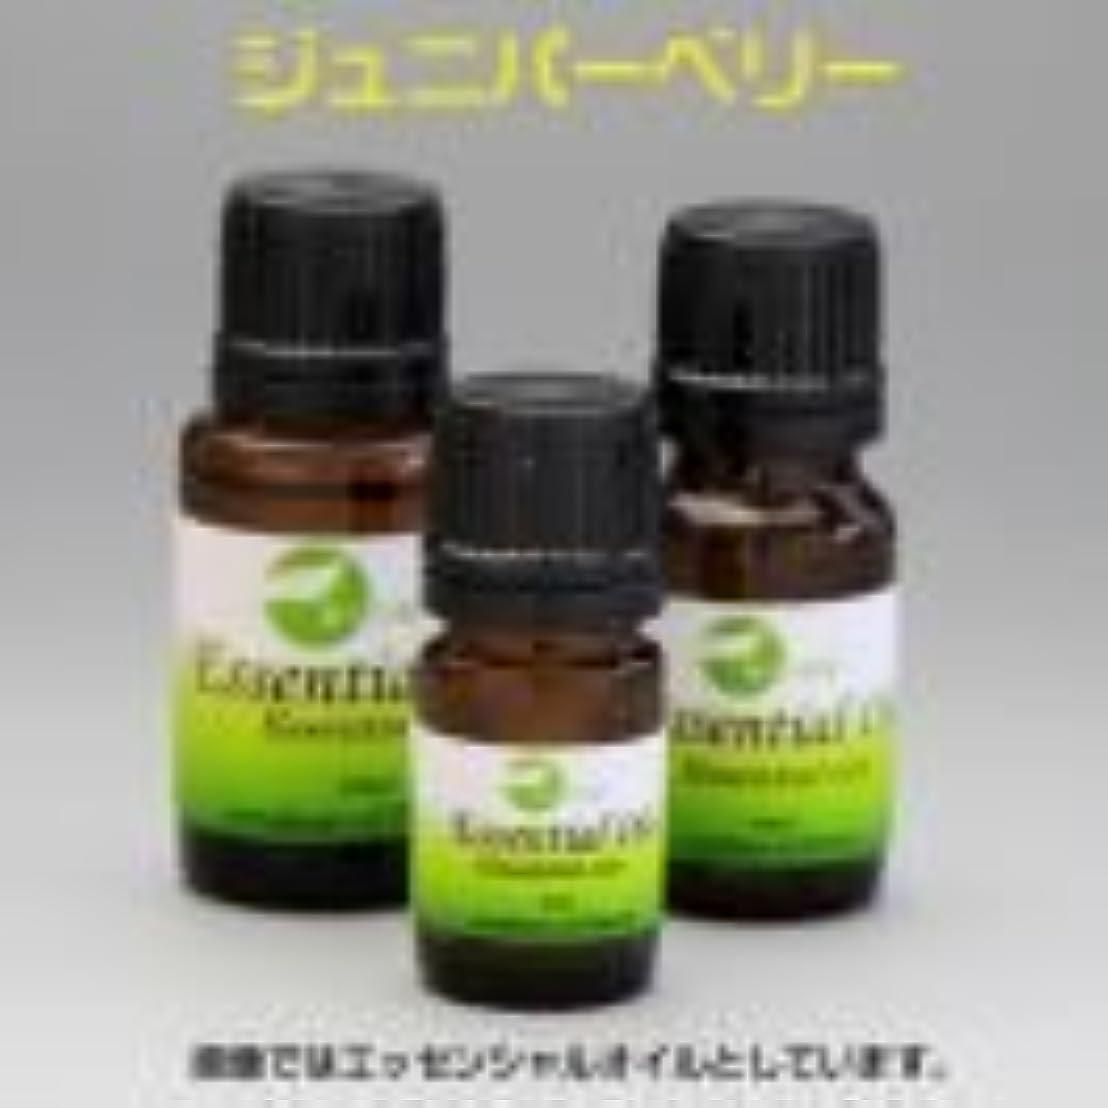 製品包囲チャネル[エッセンシャルオイル] 松の針葉に似たフレッシュな樹脂の香り ジュニパーベリー 5ml